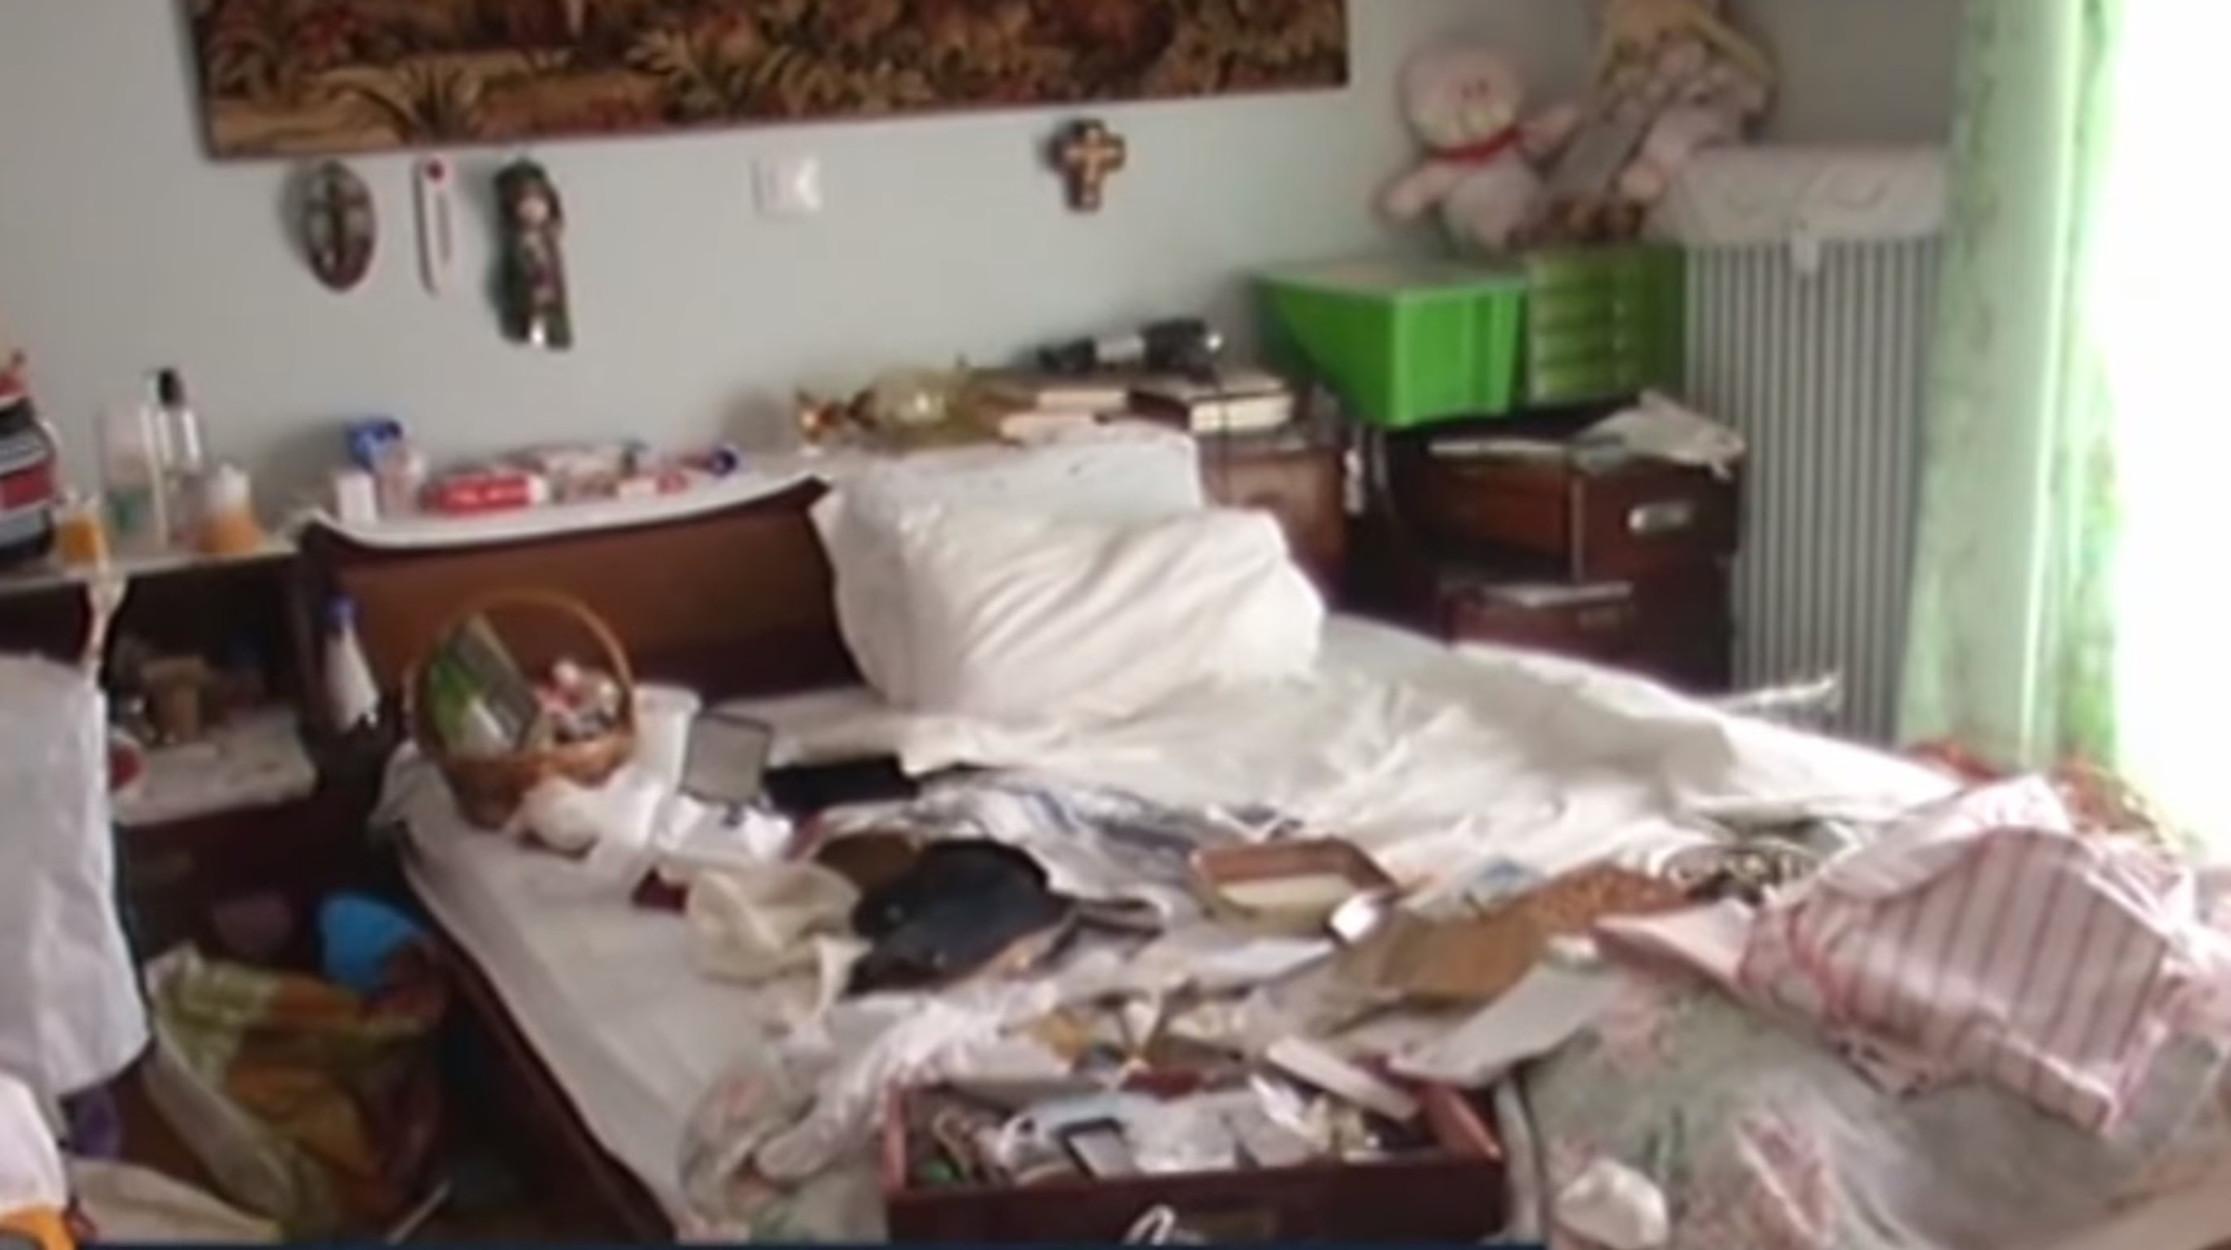 """Ληστεία """"μαμούθ"""" σε σπίτι στην Βουλιαγμένη - Έκαναν """"μπάζα"""" 600.000 ευρώ!"""